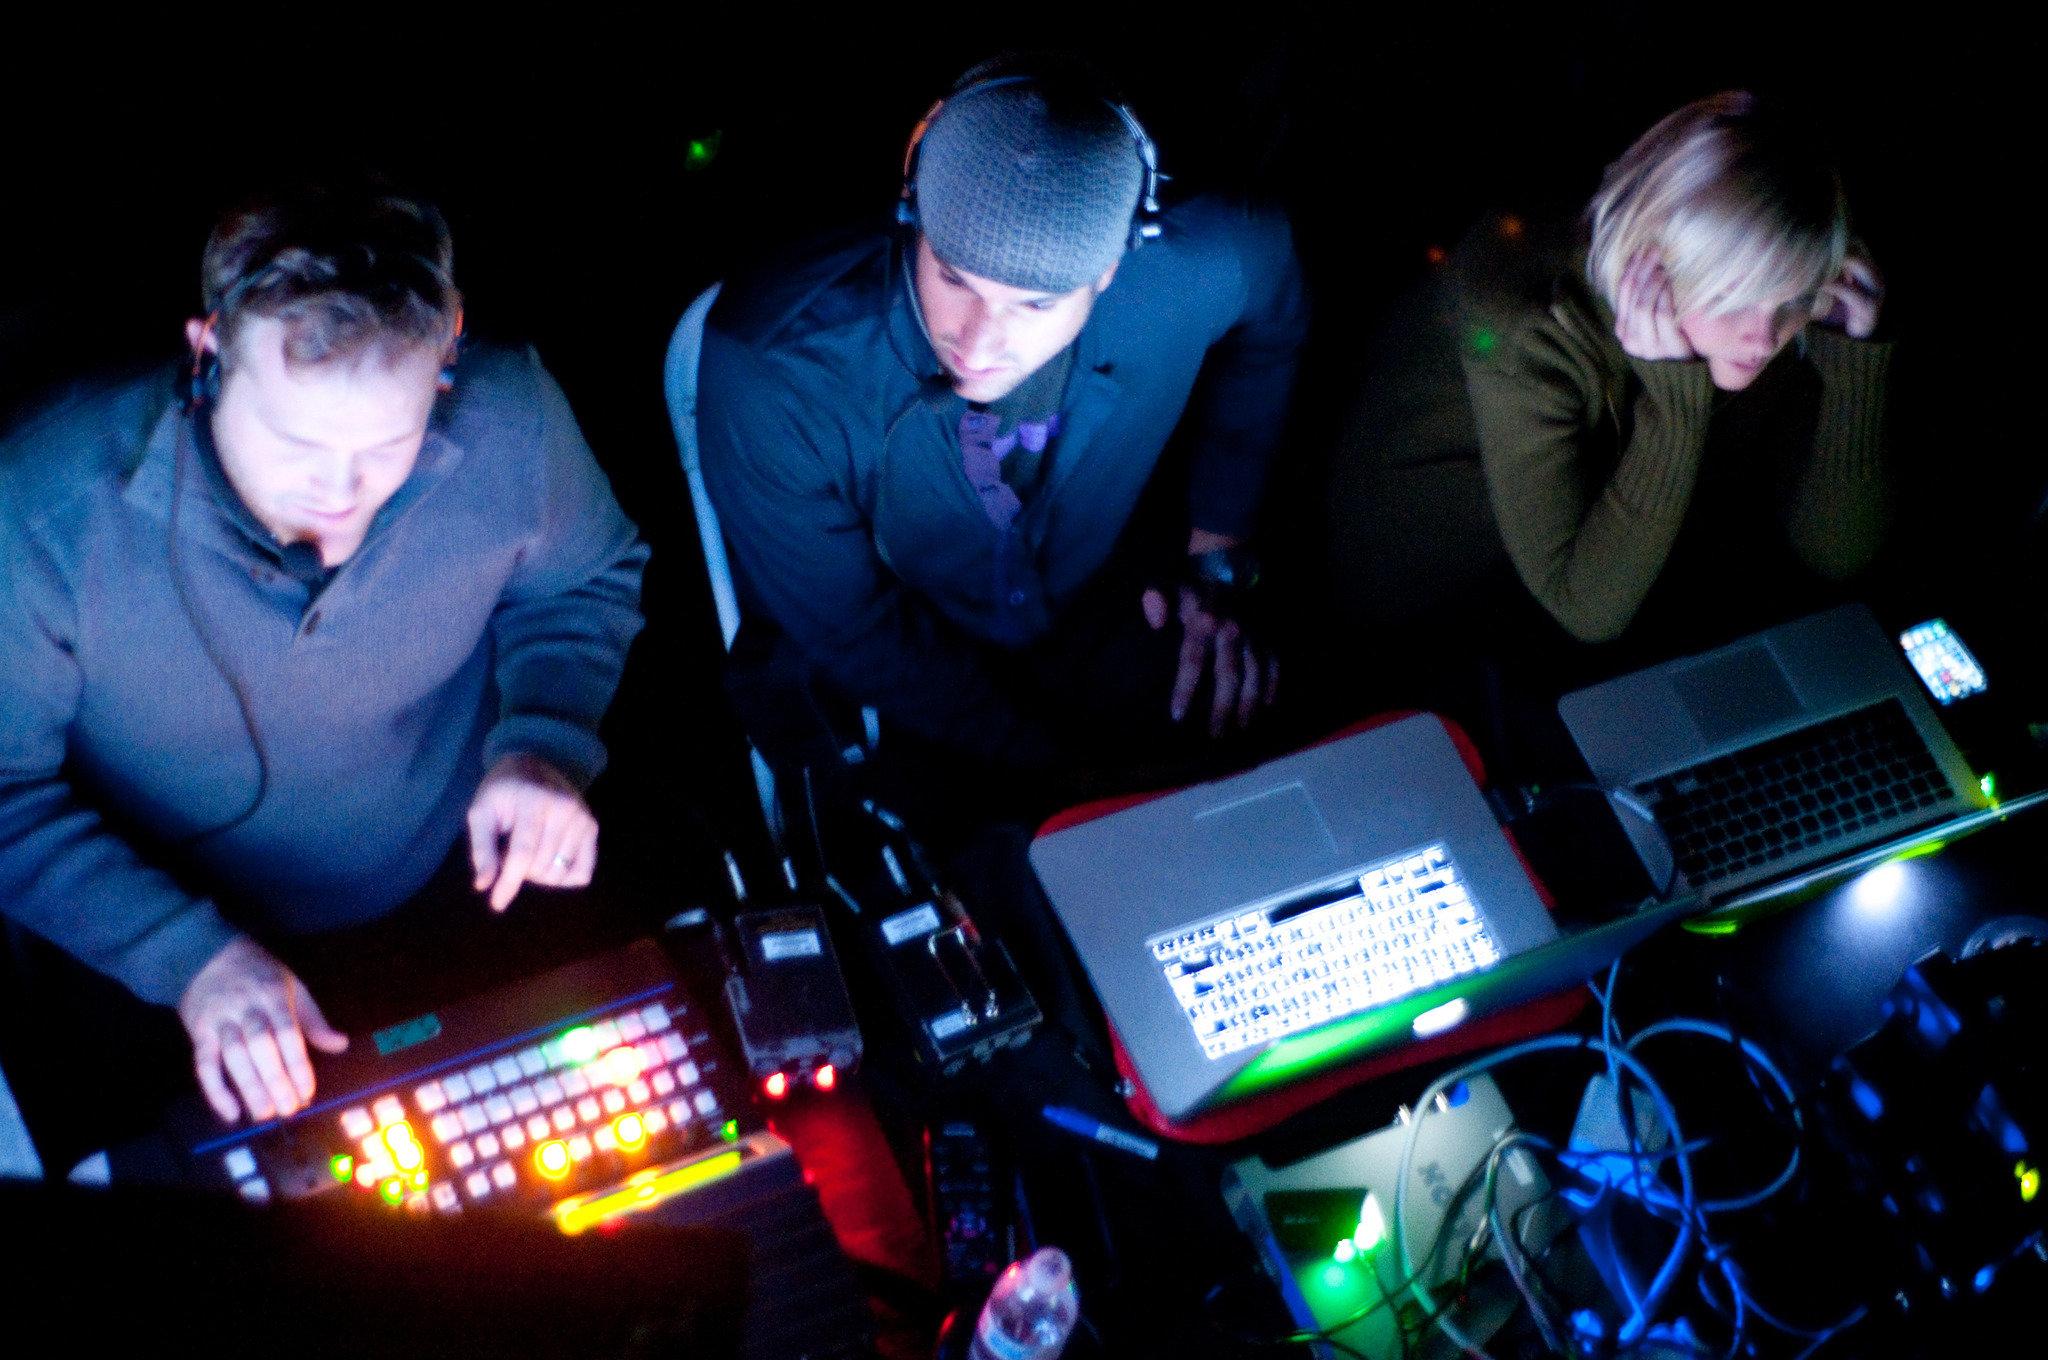 production-crew---bk-live--18jpeg-de7dc12caeb39671